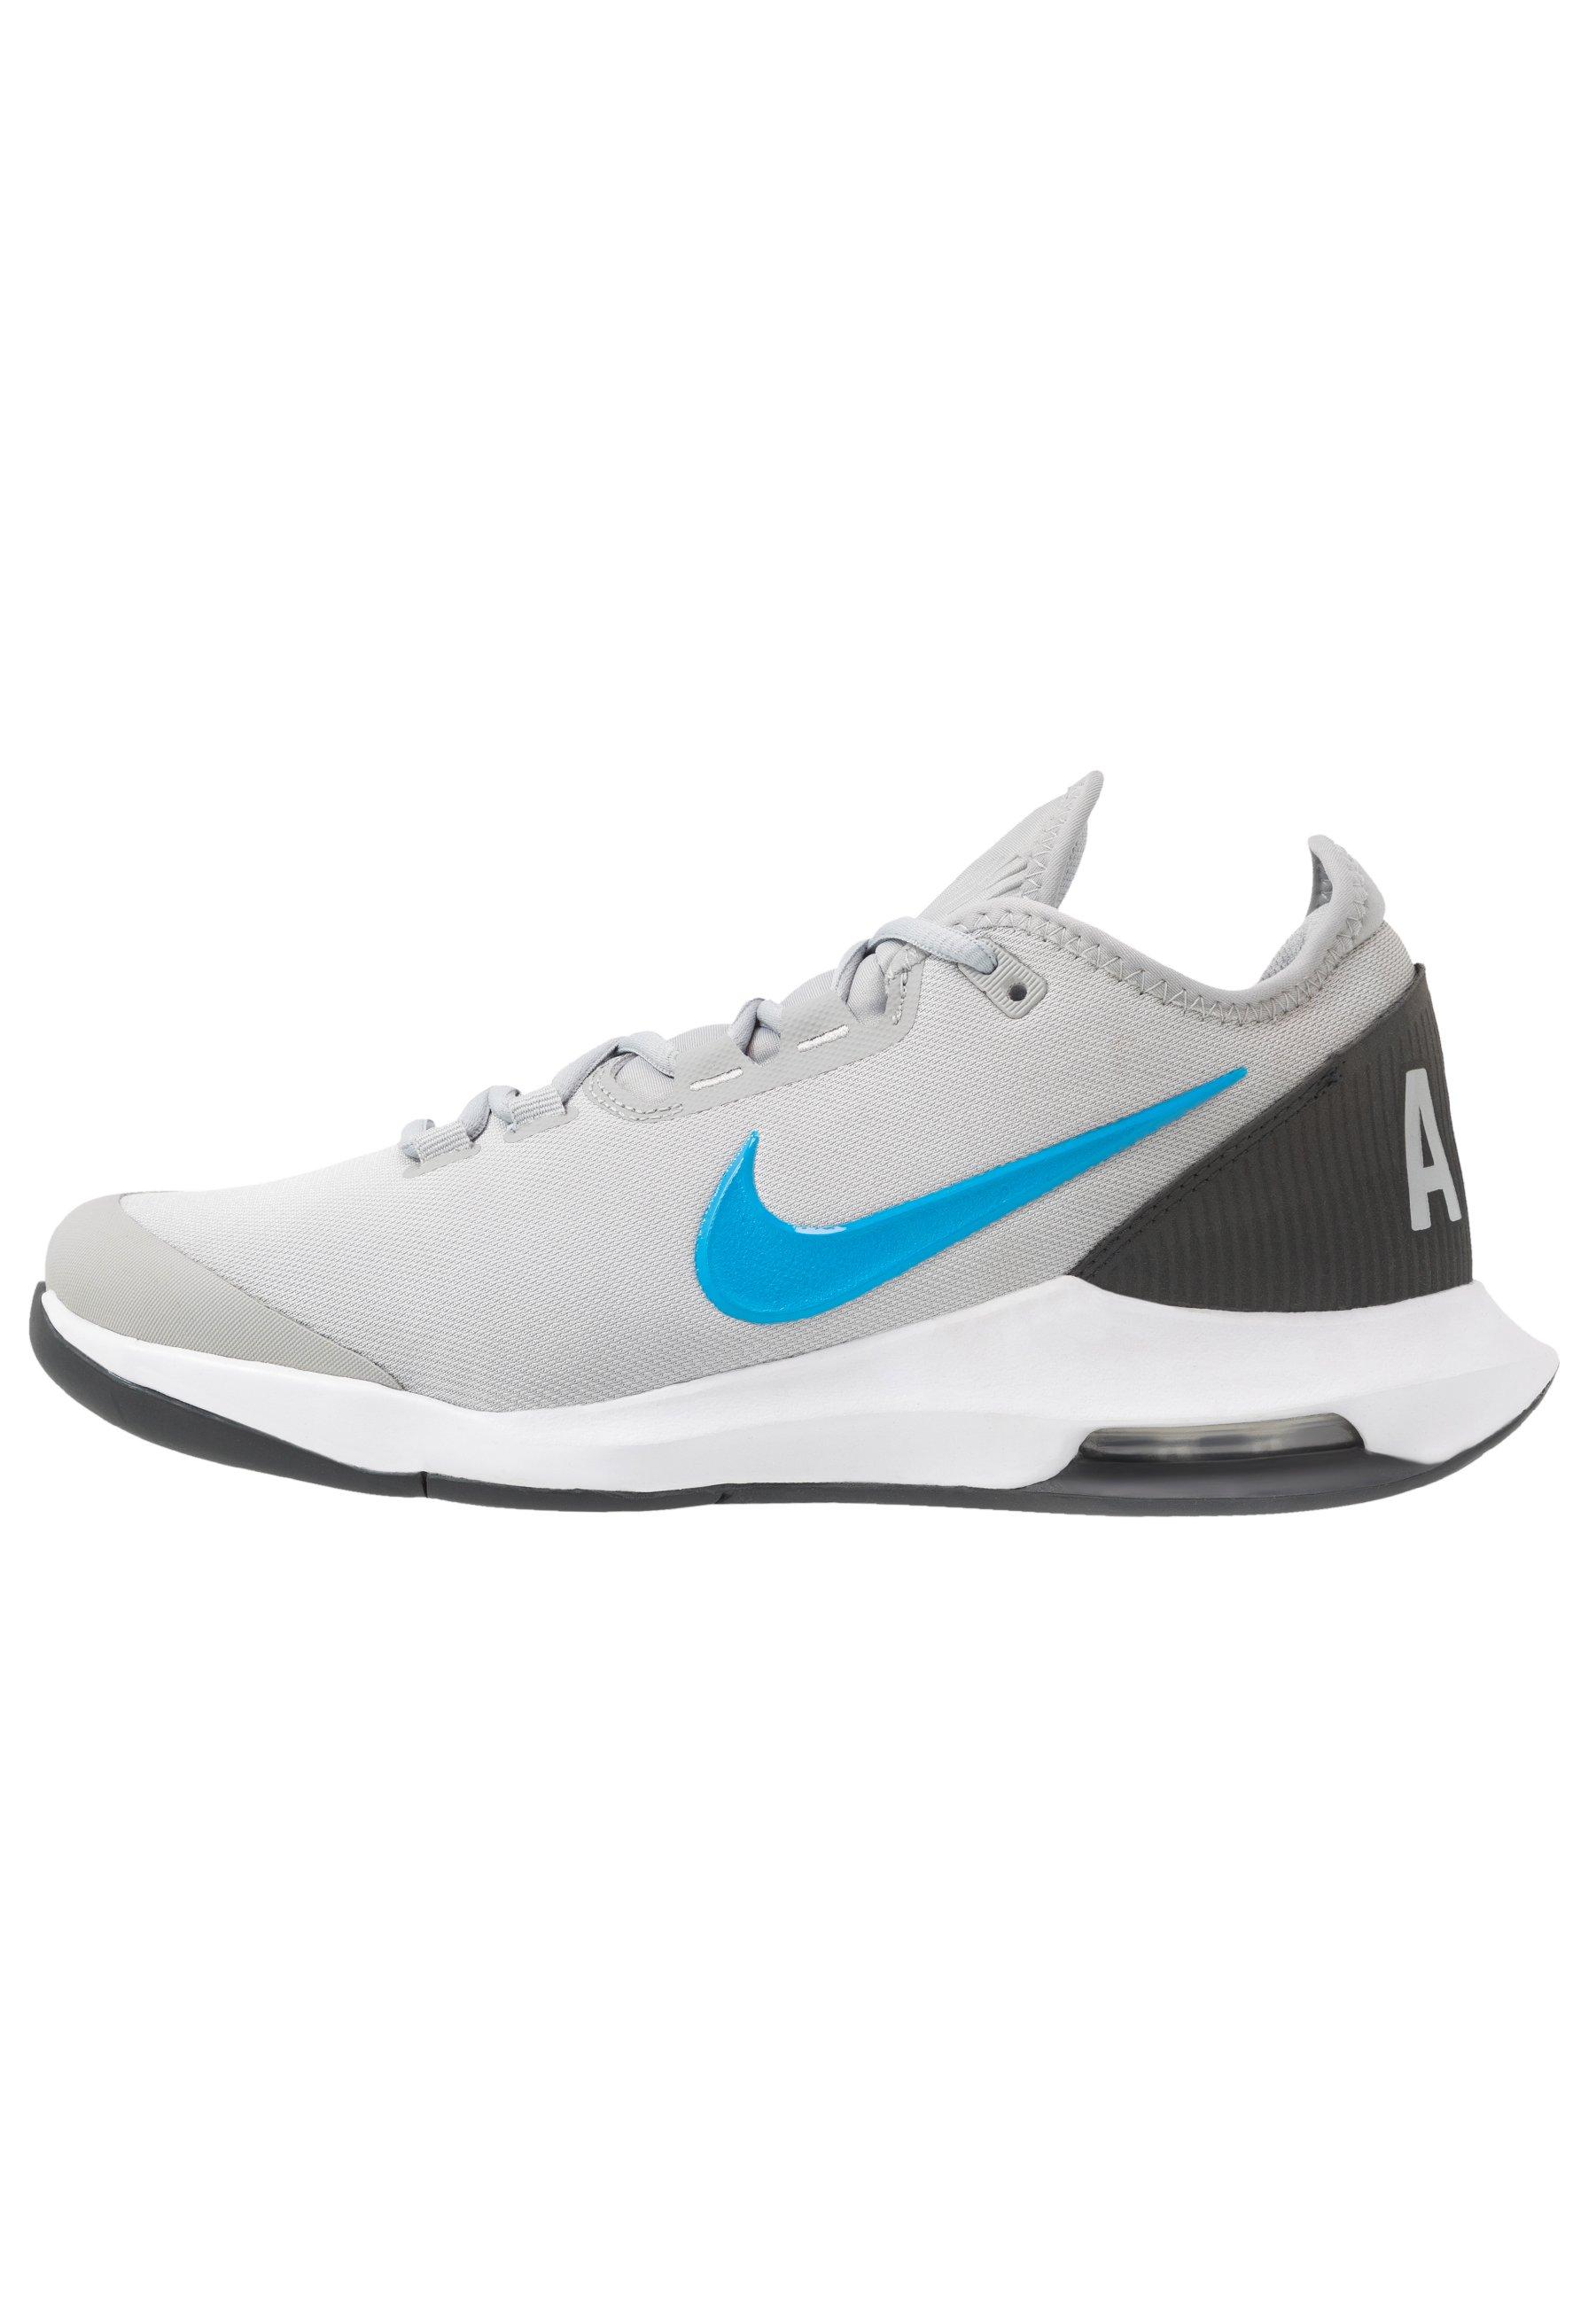 scarpe da tennis uomo nike air max